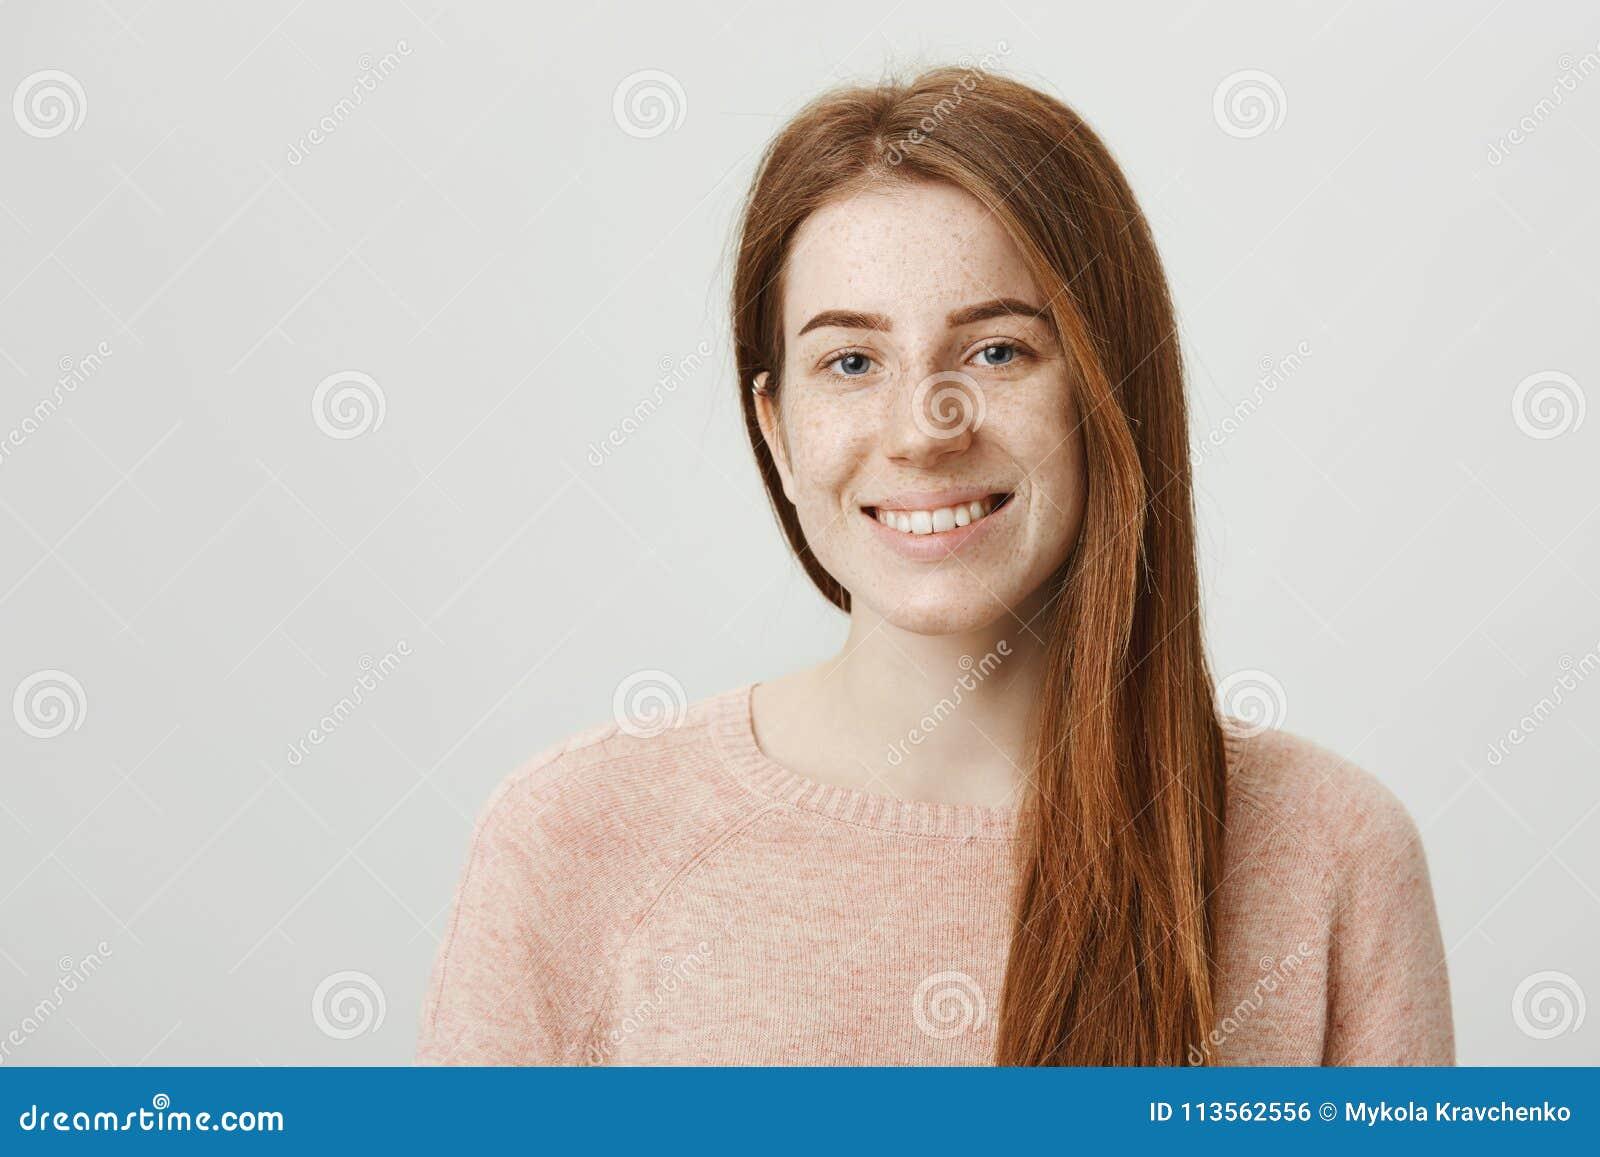 Zakończenie portret ciekawy i śliczny rudzielec kobiety model ono uśmiecha się szeroko podczas gdy patrzejący z miłym spojrzeniem